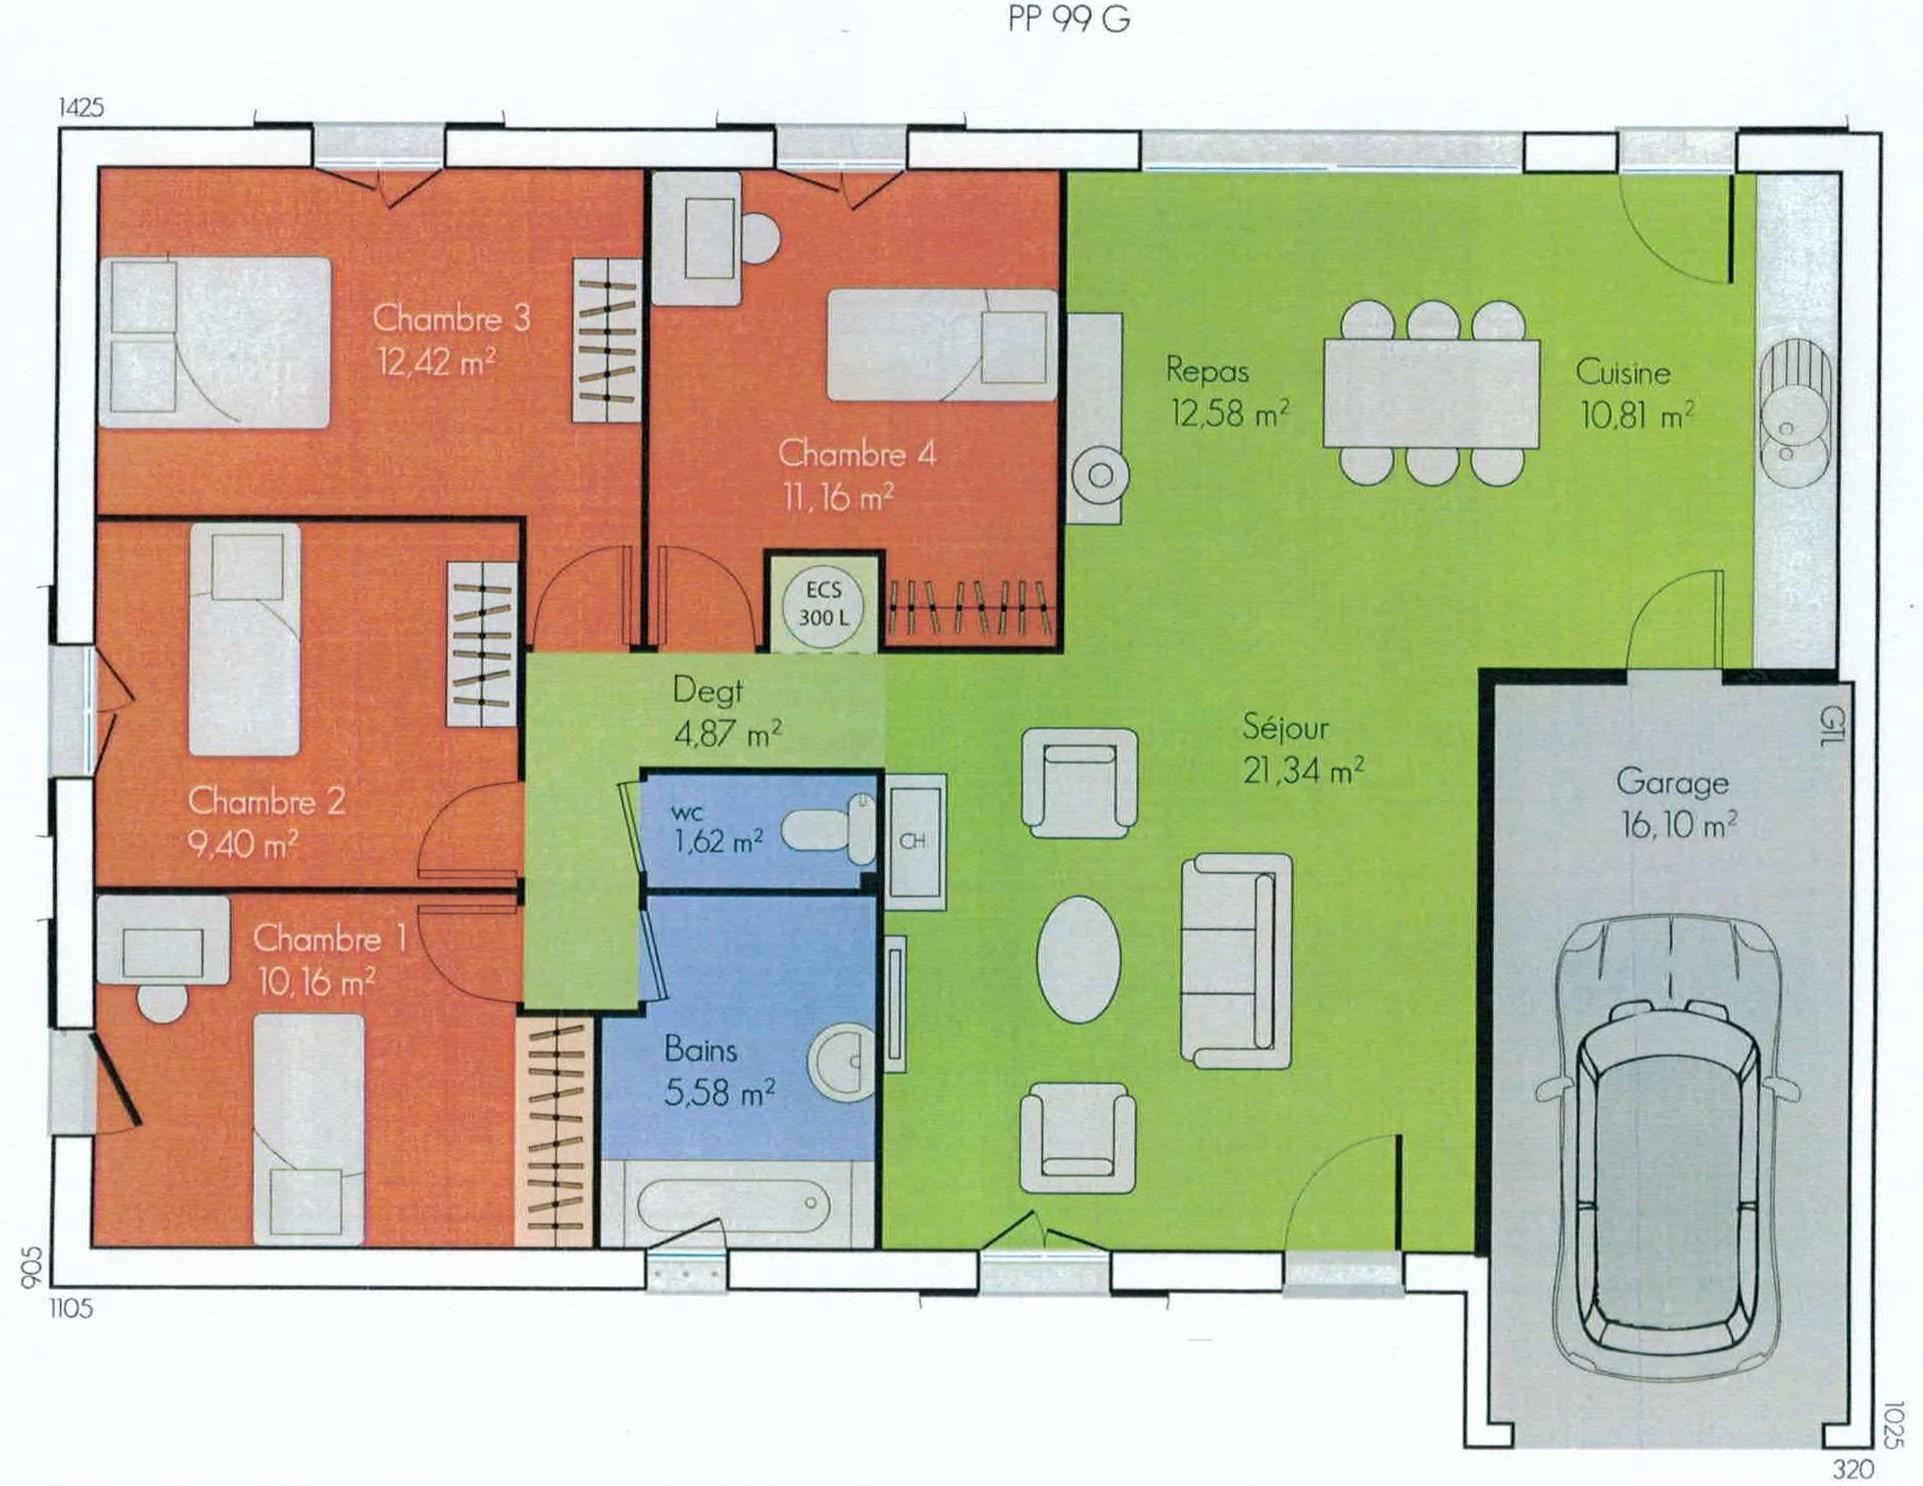 Maison plain pied 4 chambres avec garage - Maison moderne plain pied 4 chambres ...